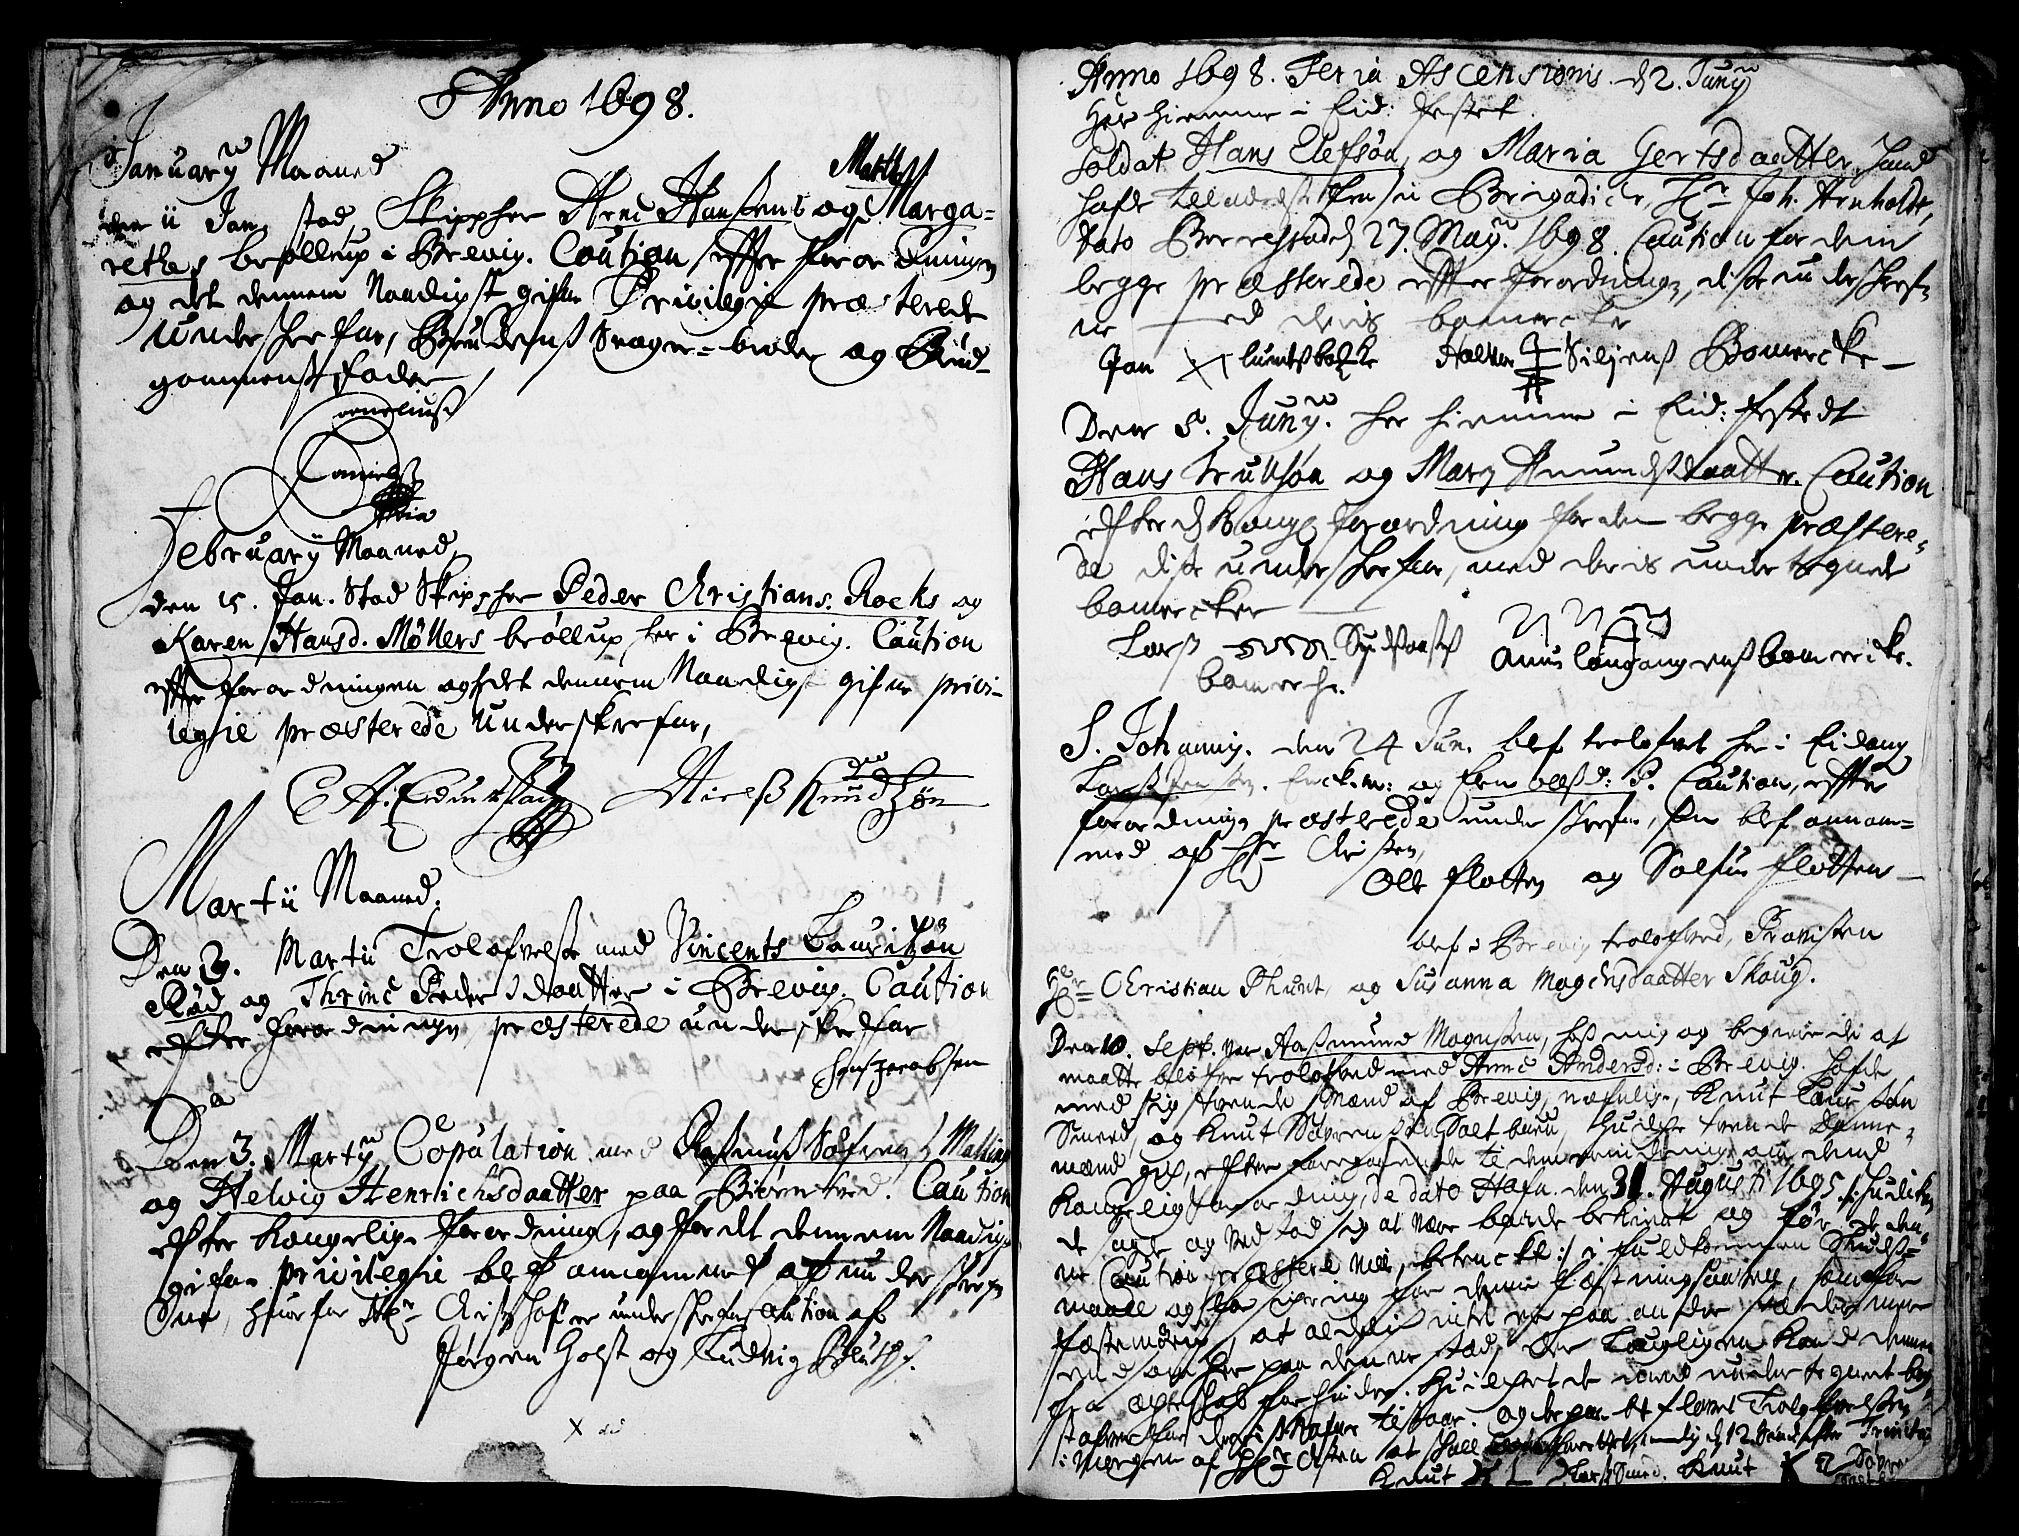 SAKO, Eidanger kirkebøker, F/Fa/L0001: Ministerialbok nr. 1, 1695-1717, s. 13